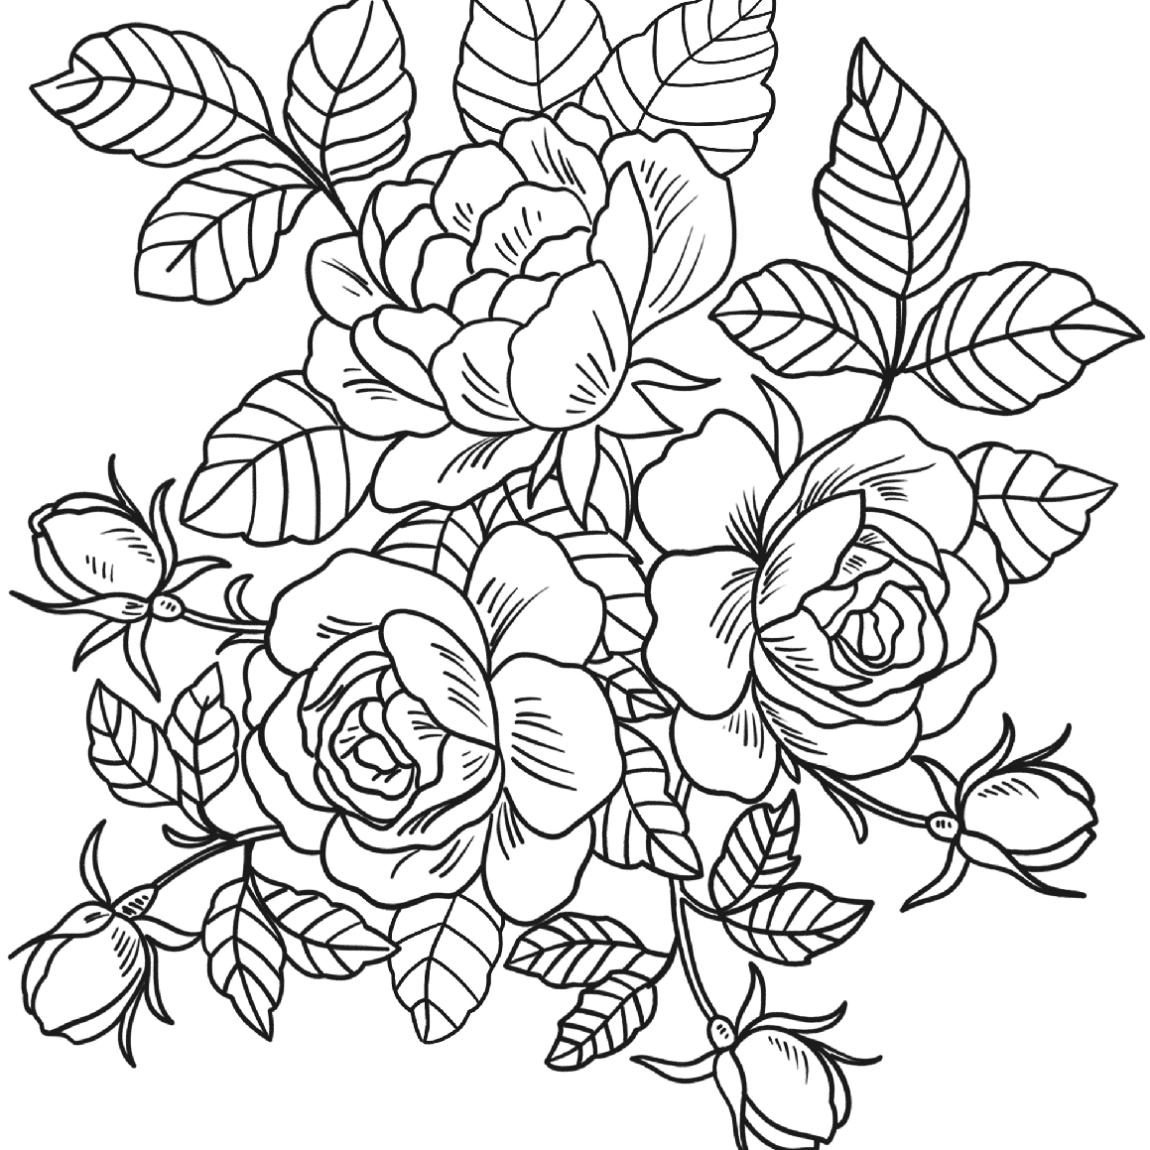 Hình tô màu hoa hồng